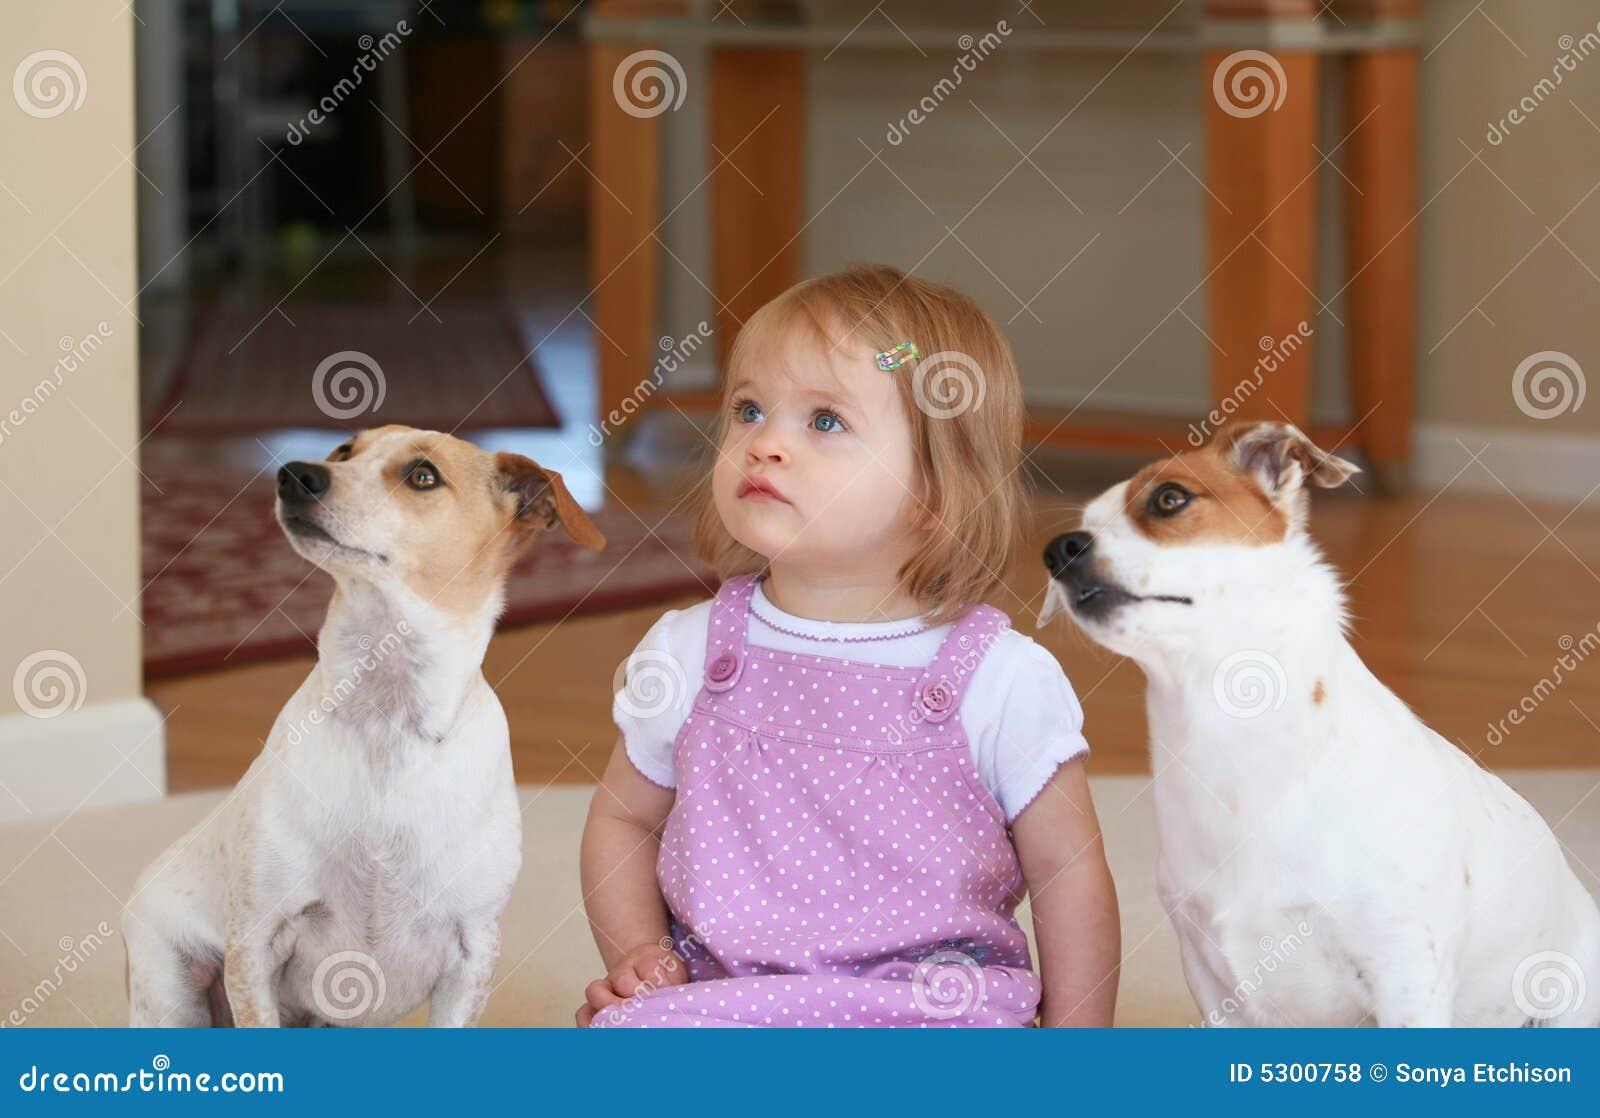 Download Bambina con i suoi cani fotografia stock. Immagine di bambini - 5300758